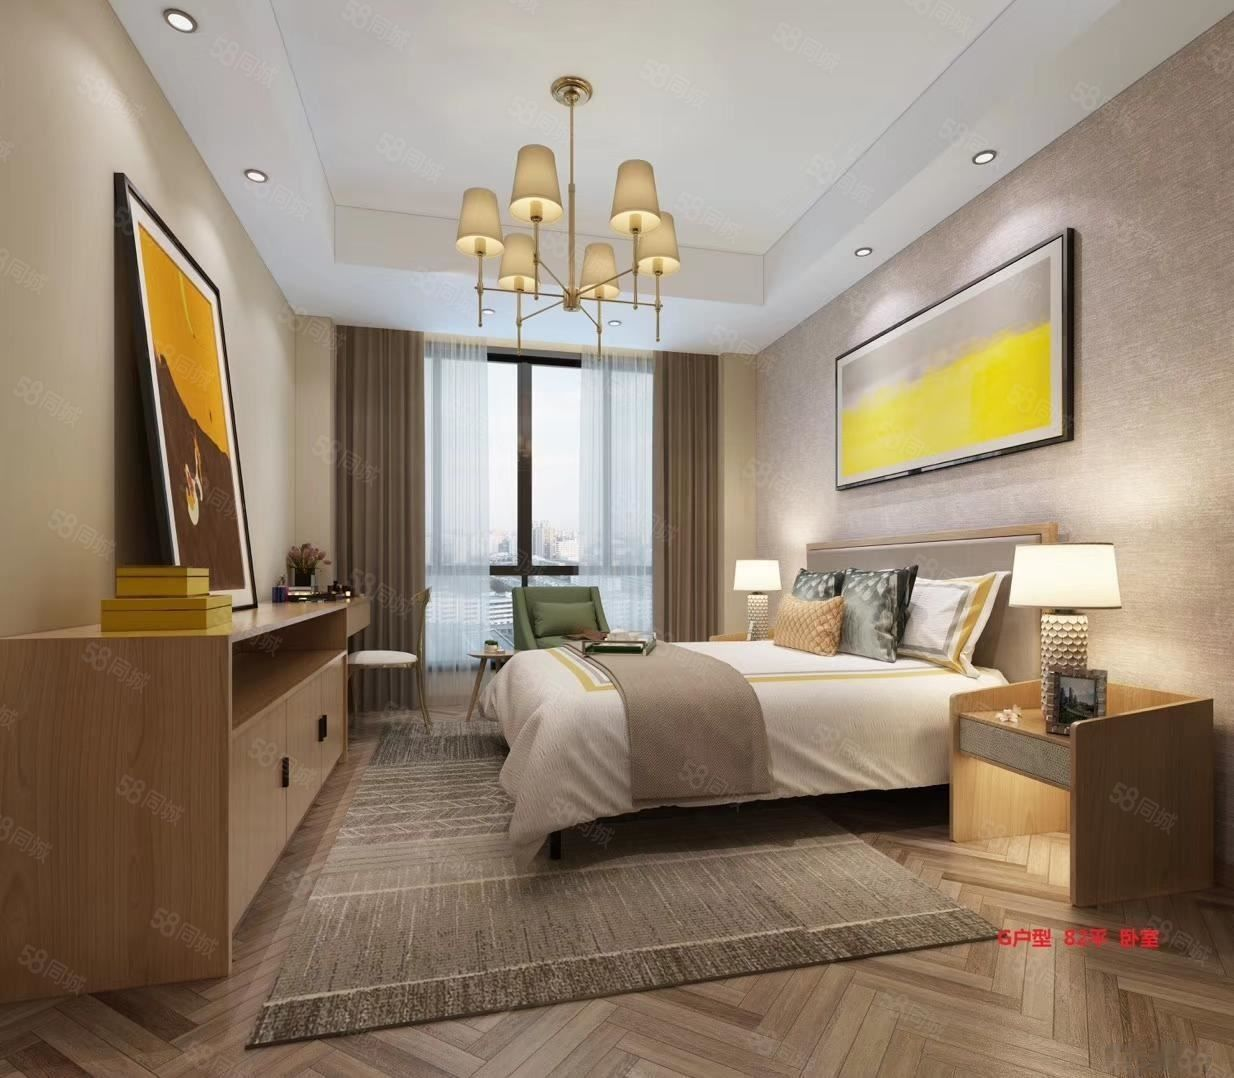 市中心核心地段9000单价4米6挑高精装修酒店公寓带租约